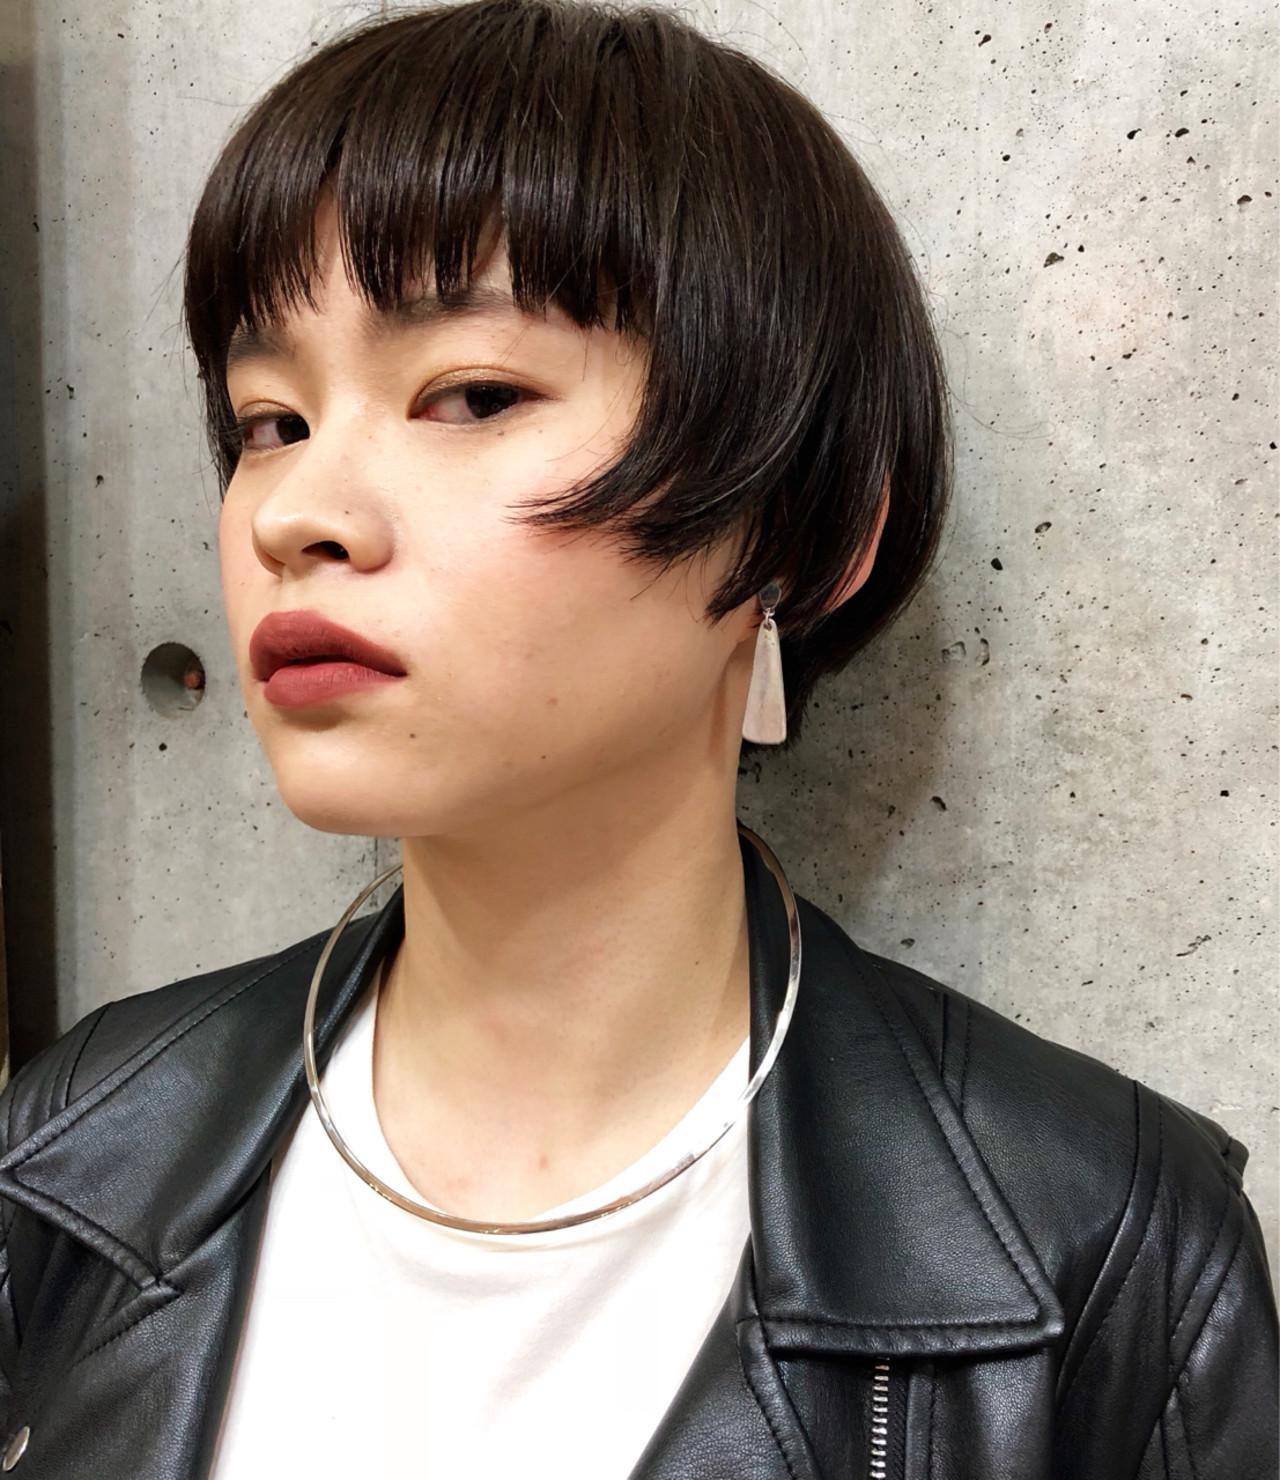 ショート モード ボブ ベリーショート ヘアスタイルや髪型の写真・画像 | MIKIZO / merci (メルシー)